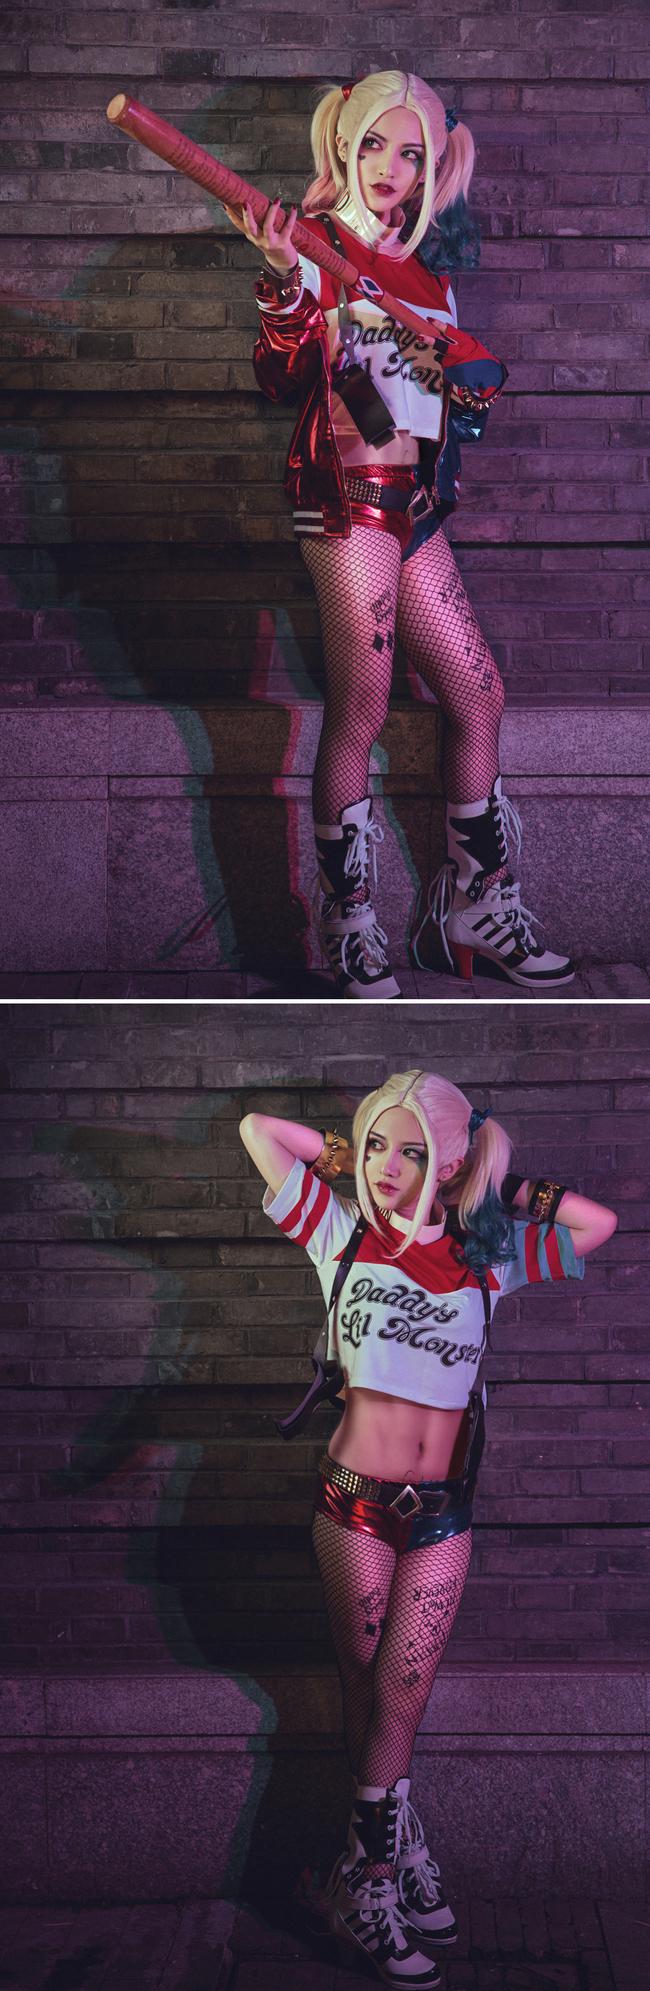 自杀小队小丑女 哈莉奎恩cos图片